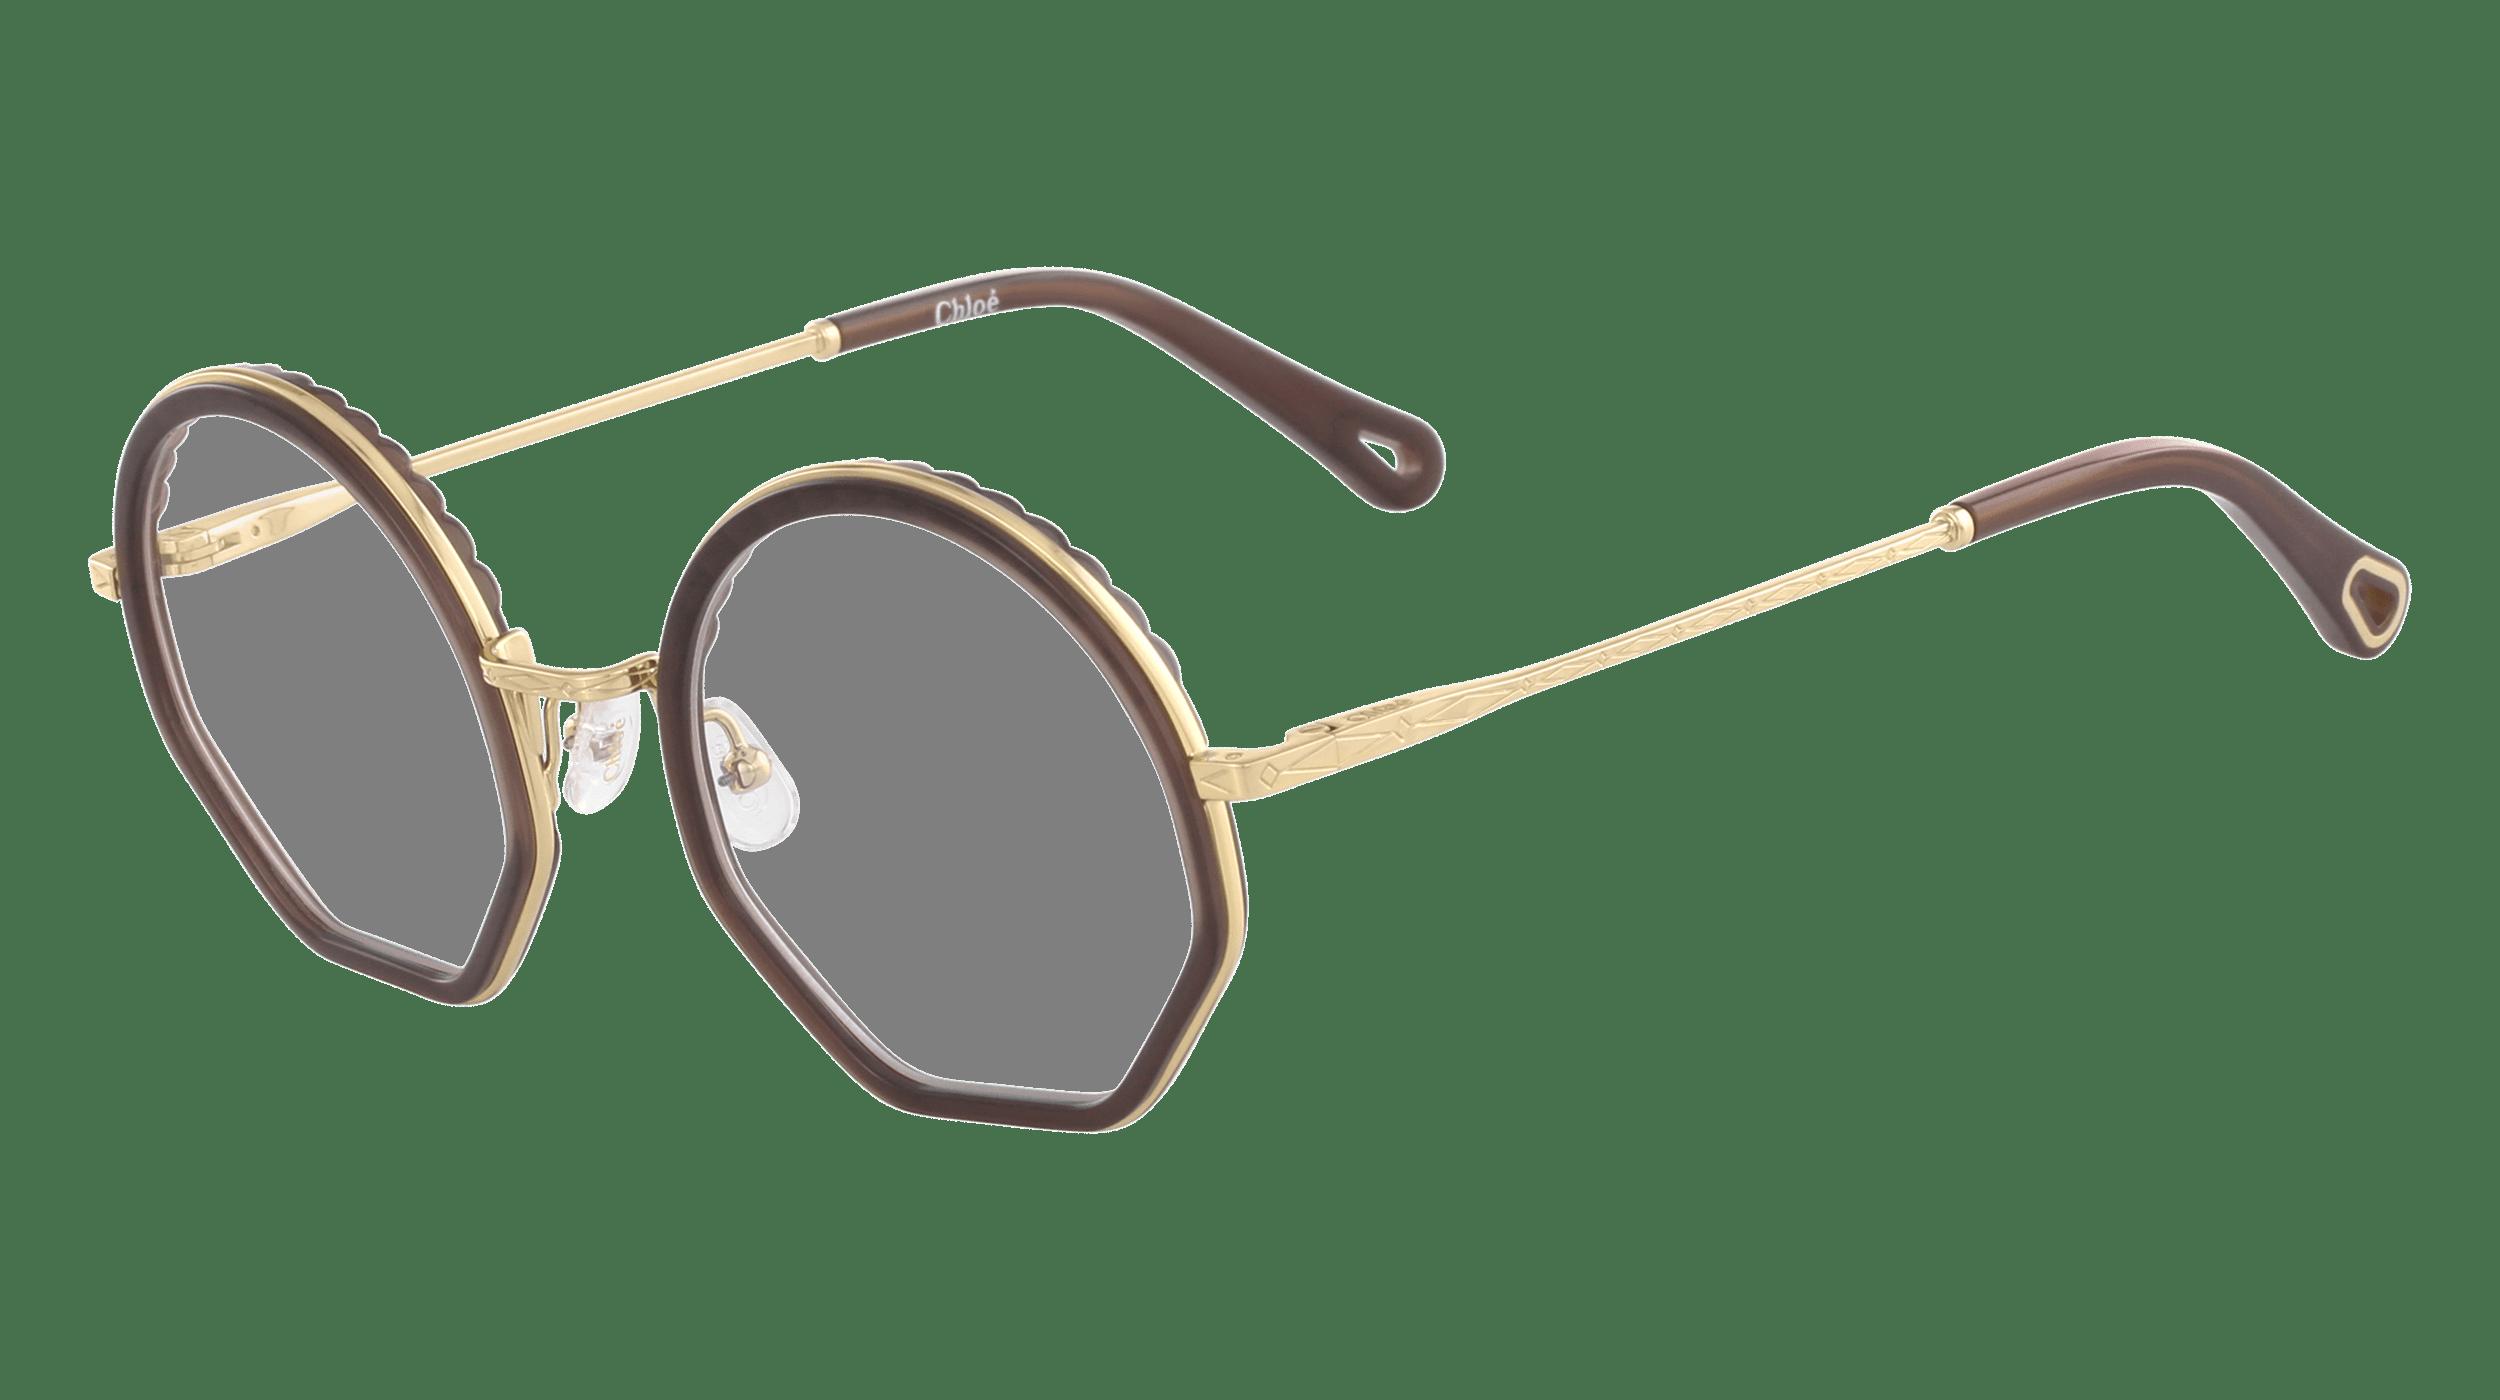 Cloé Korrekturbrille mit braunem Rahmen und Bügelenden und goldenen Bügeln.